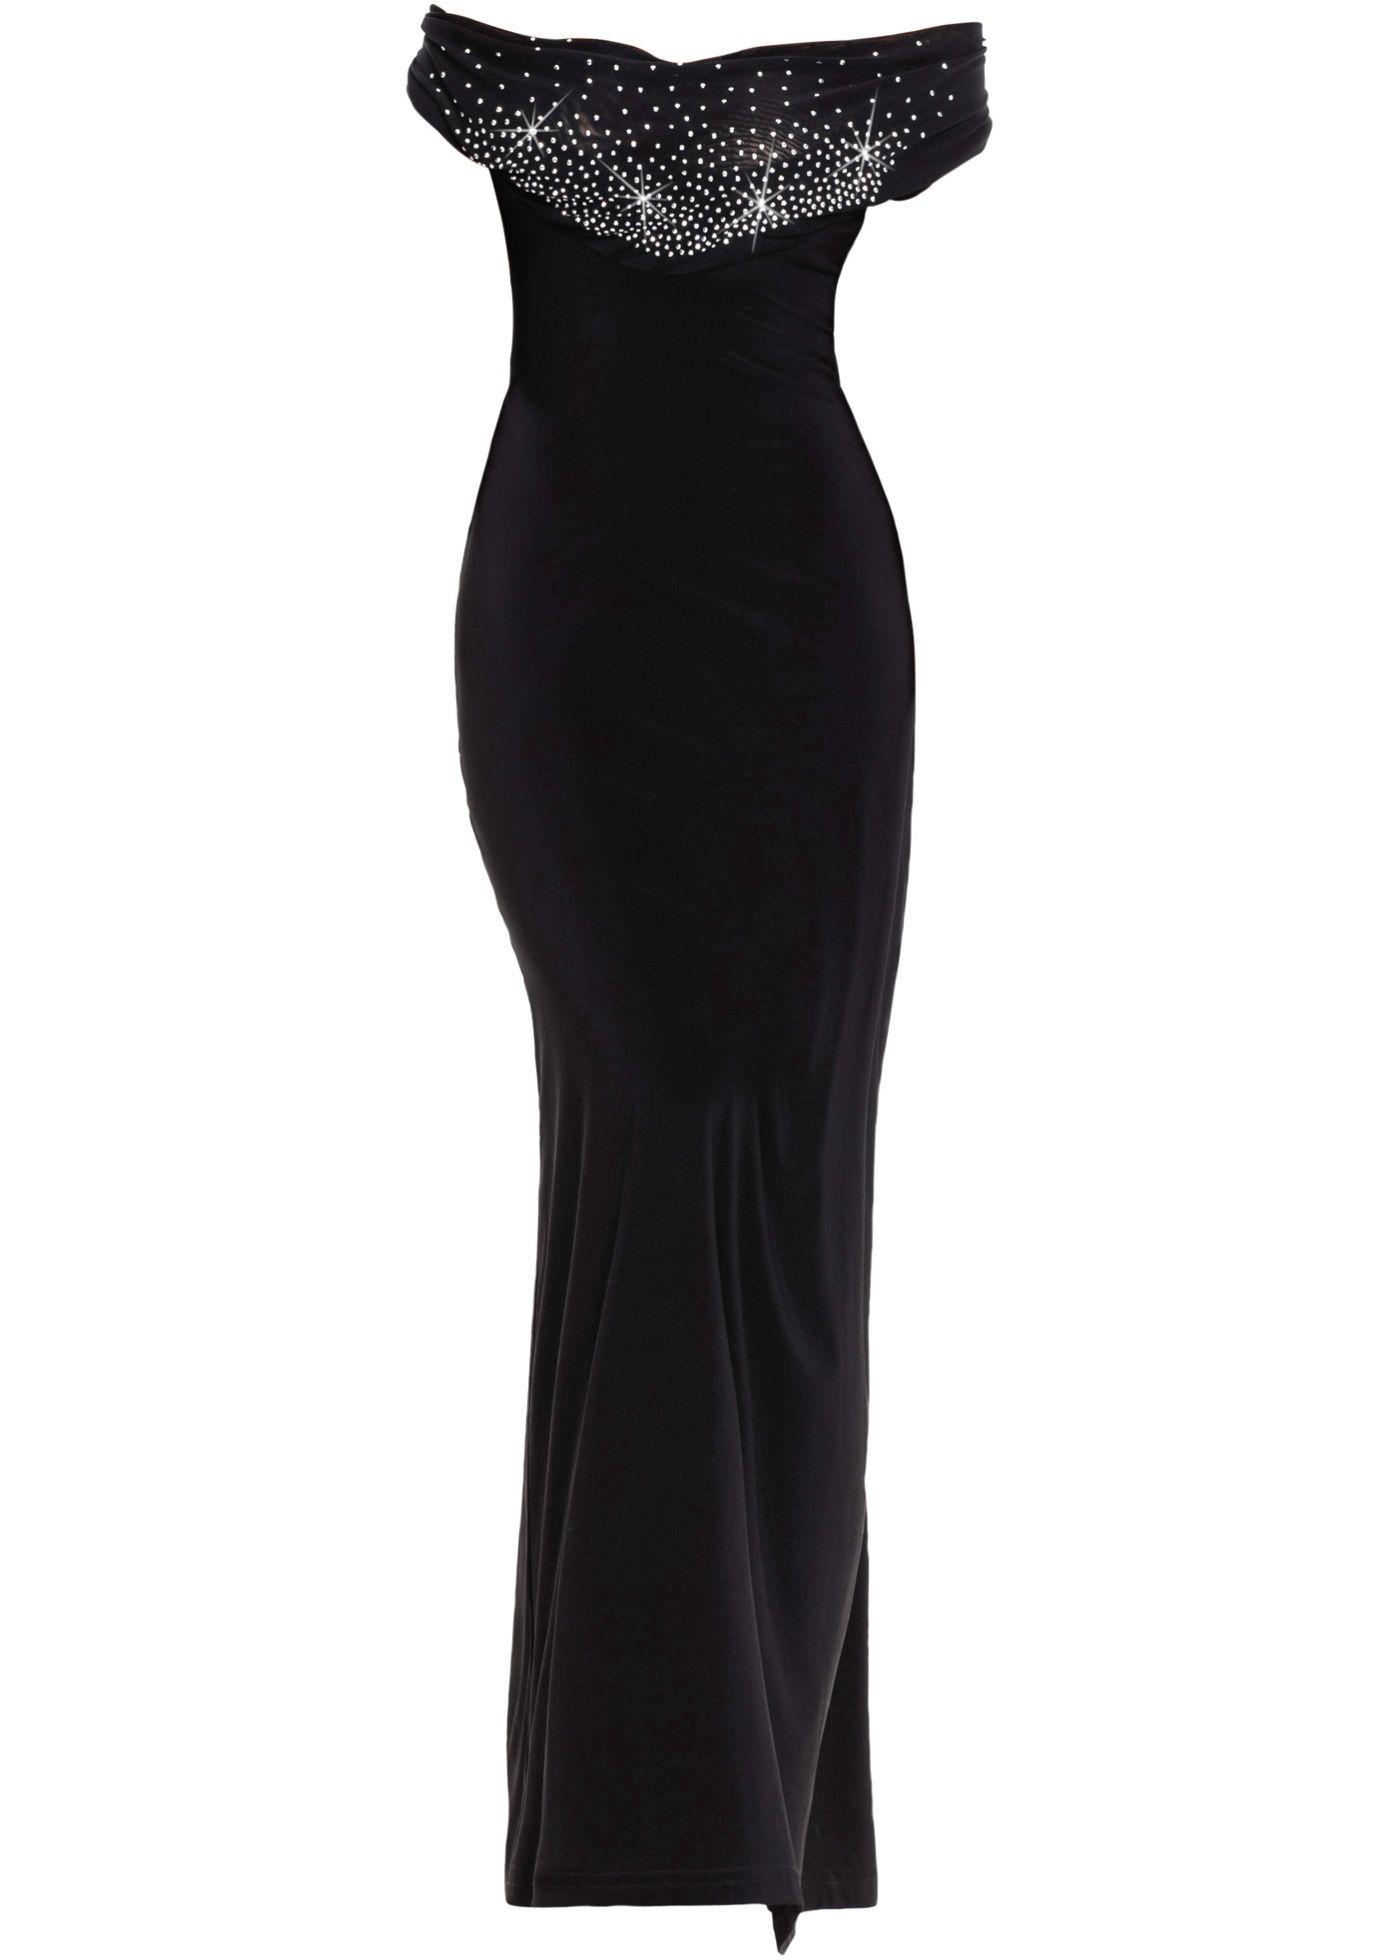 Kleid mit Deko-Steinen  Formelle kleider, Carmen kleid, Das